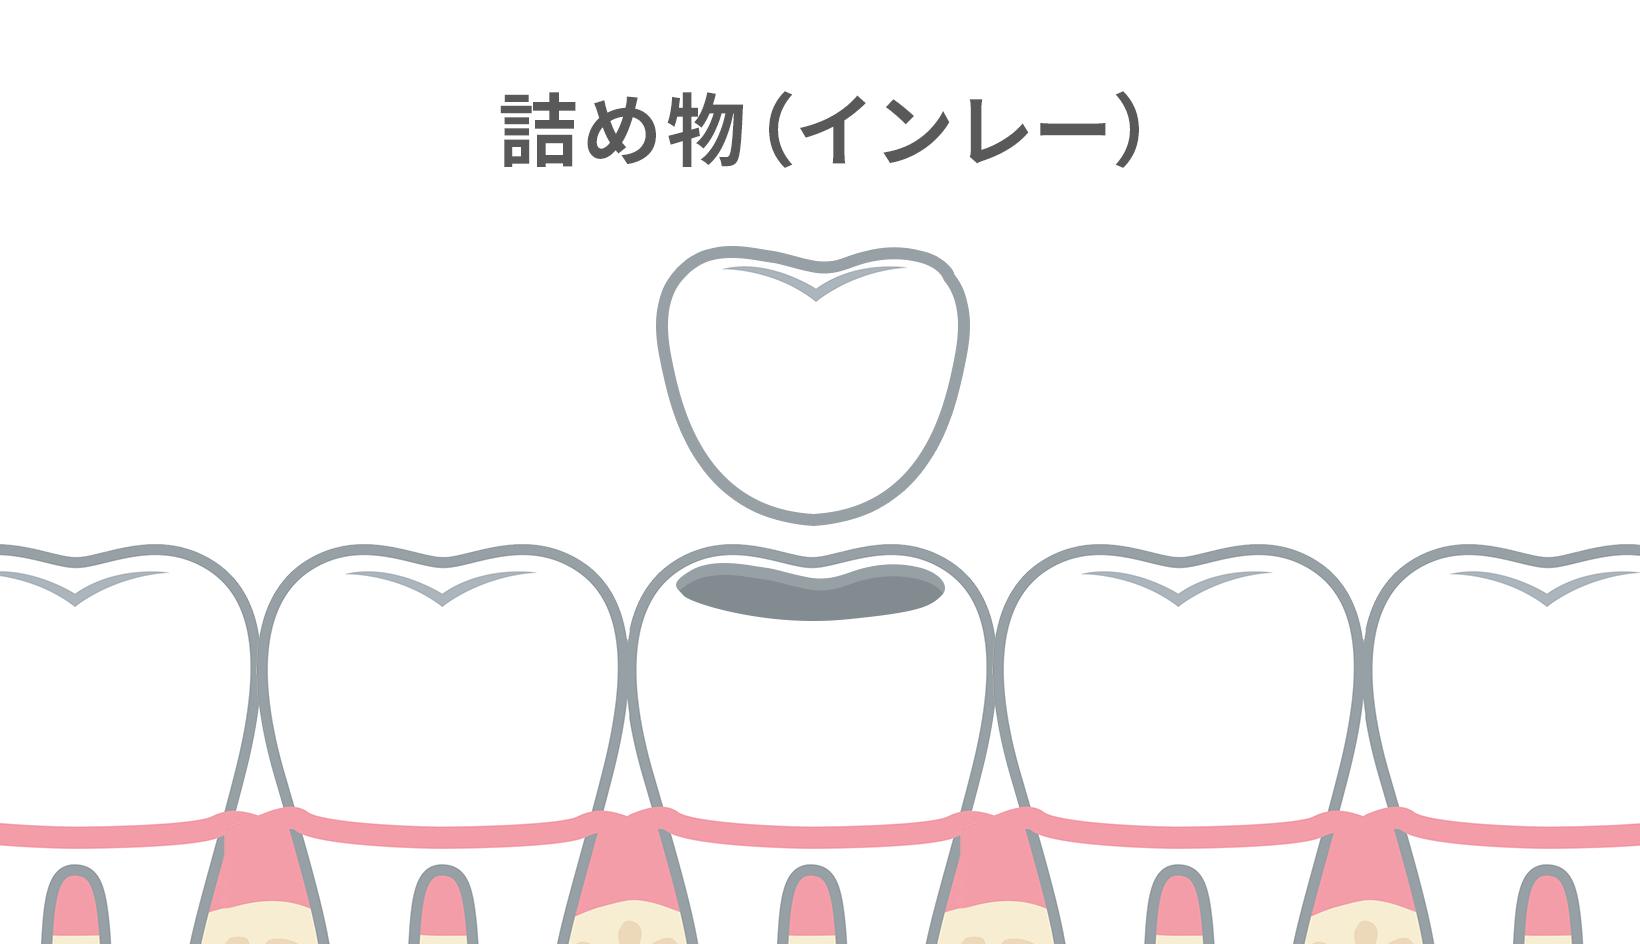 インレーとは、虫歯治療などでできた穴に詰める詰めもののこと